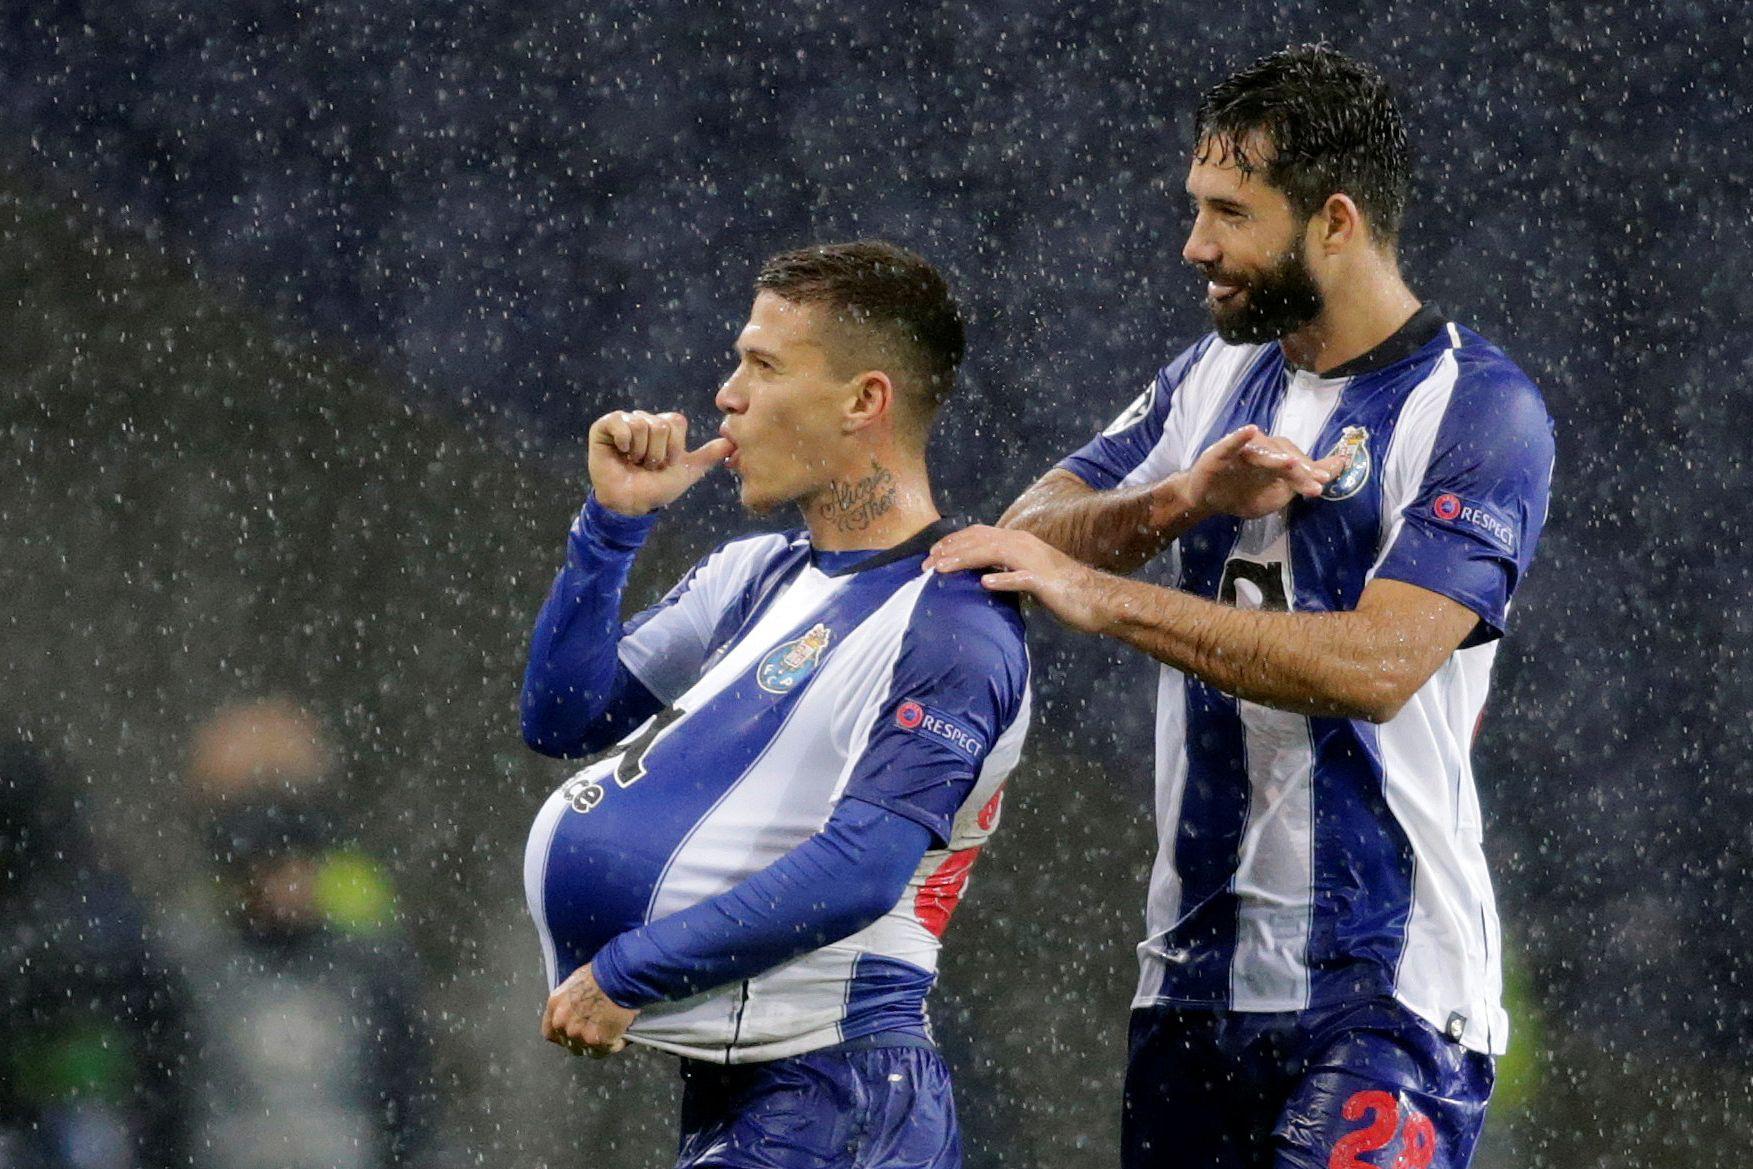 Saiba o que disse a imprensa internacional sobre o FC Porto-Lokomotiv